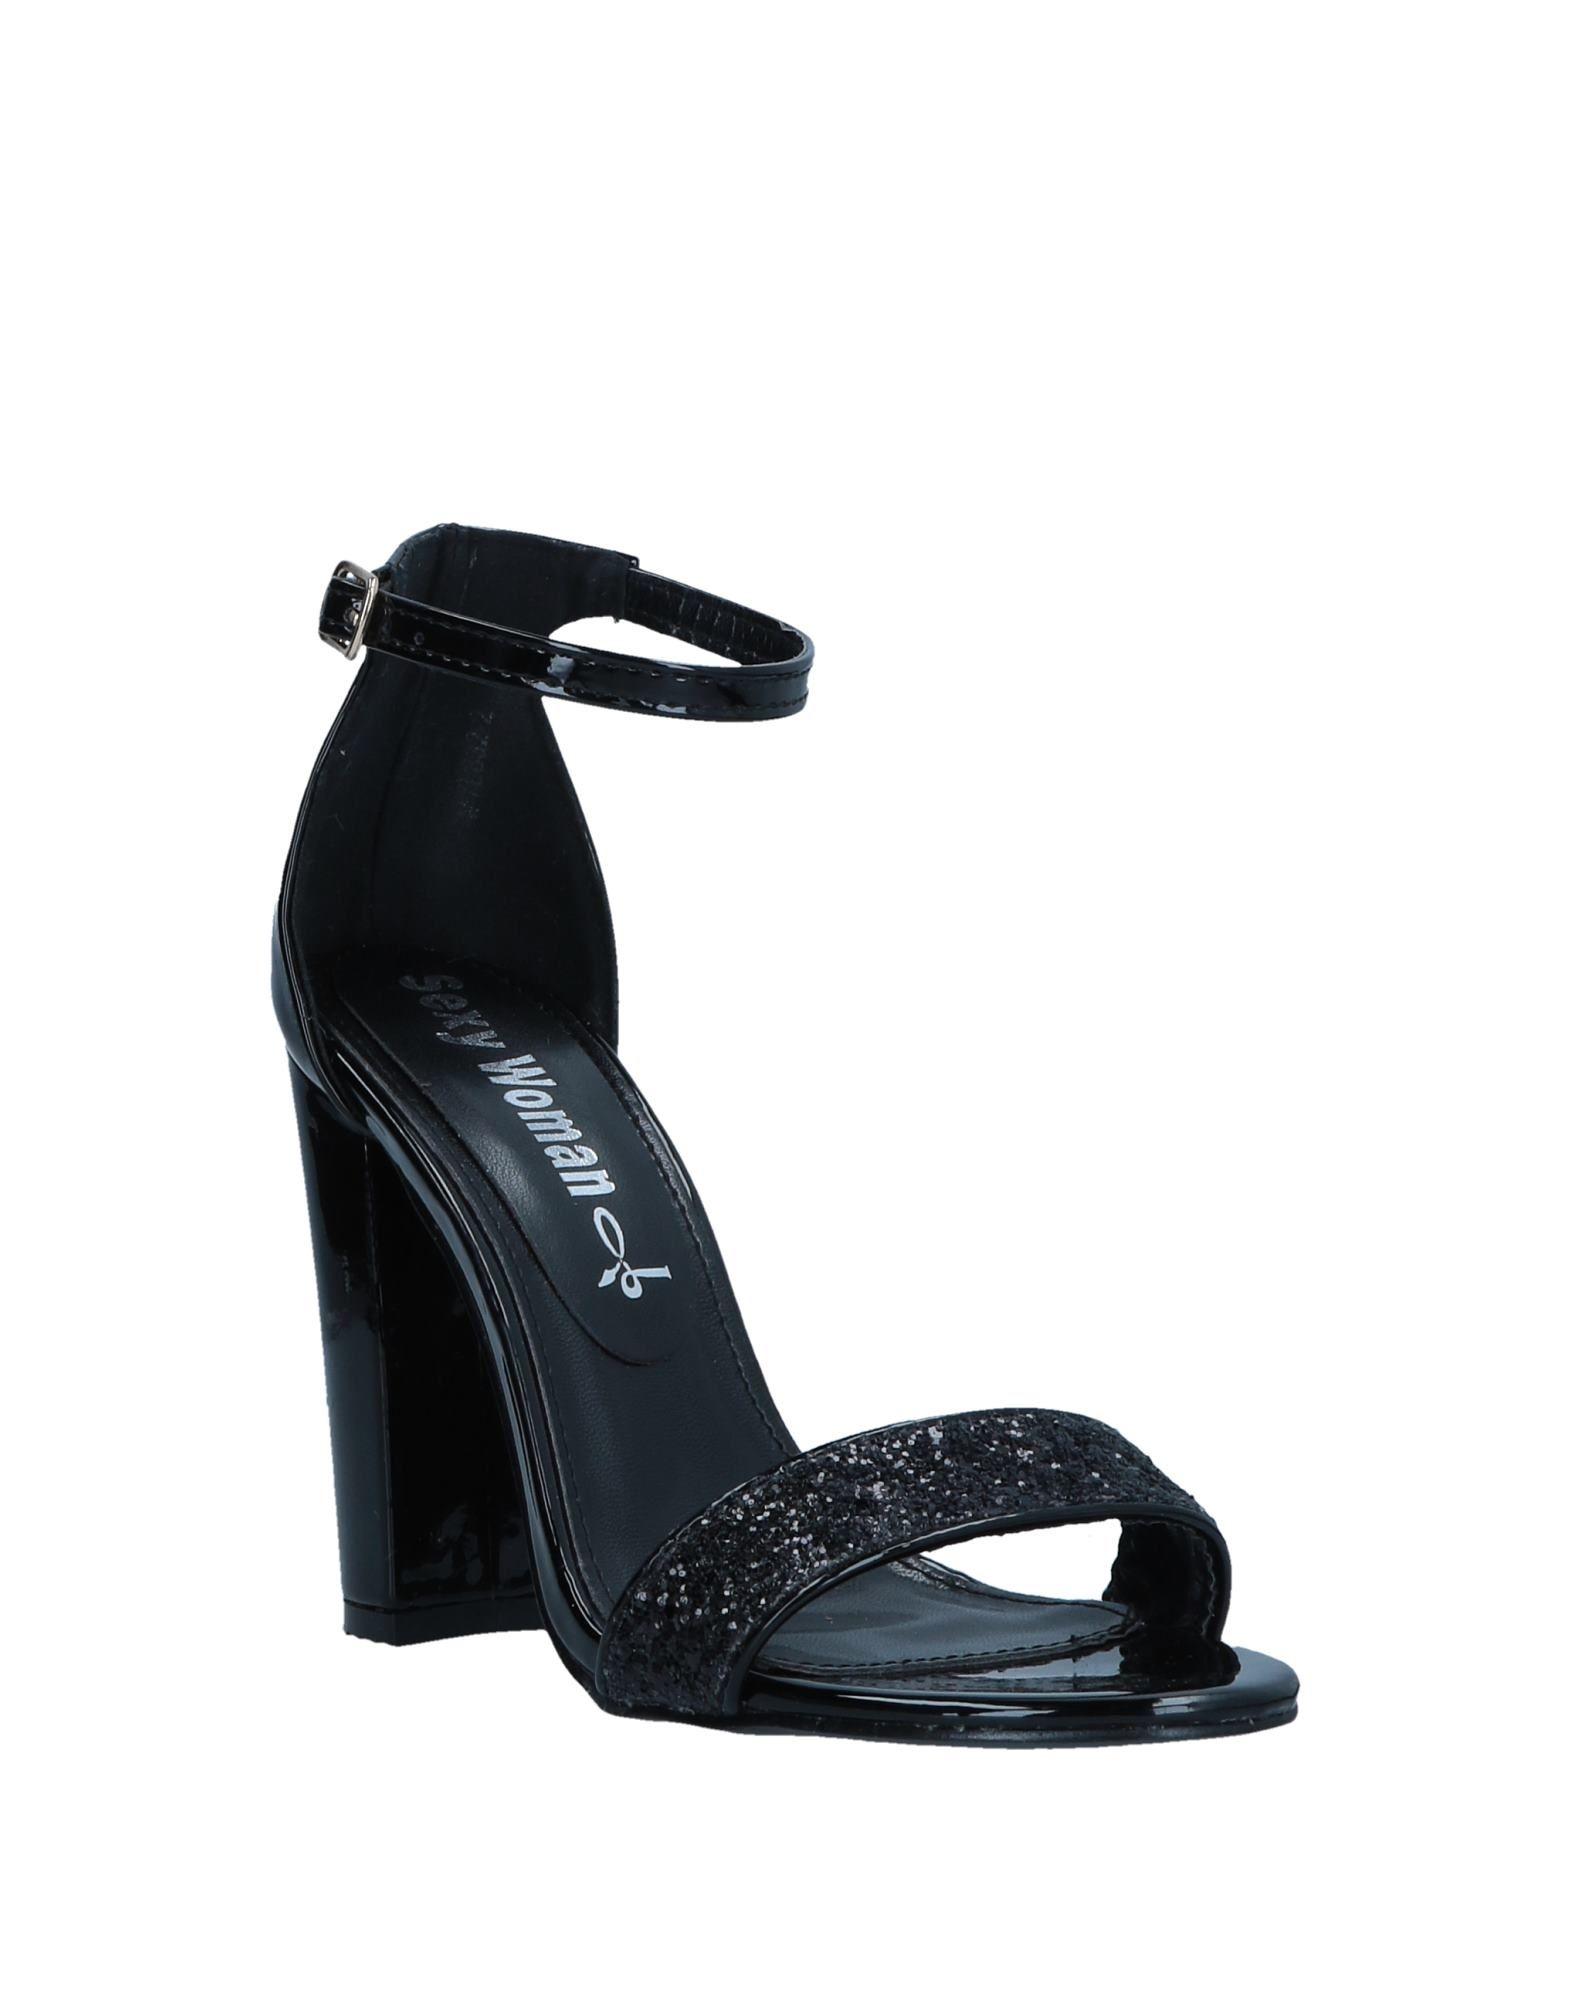 sandales - femmes sexy sexy 11564443wb sandales en - ligne le royaume - uni - en 6d765c